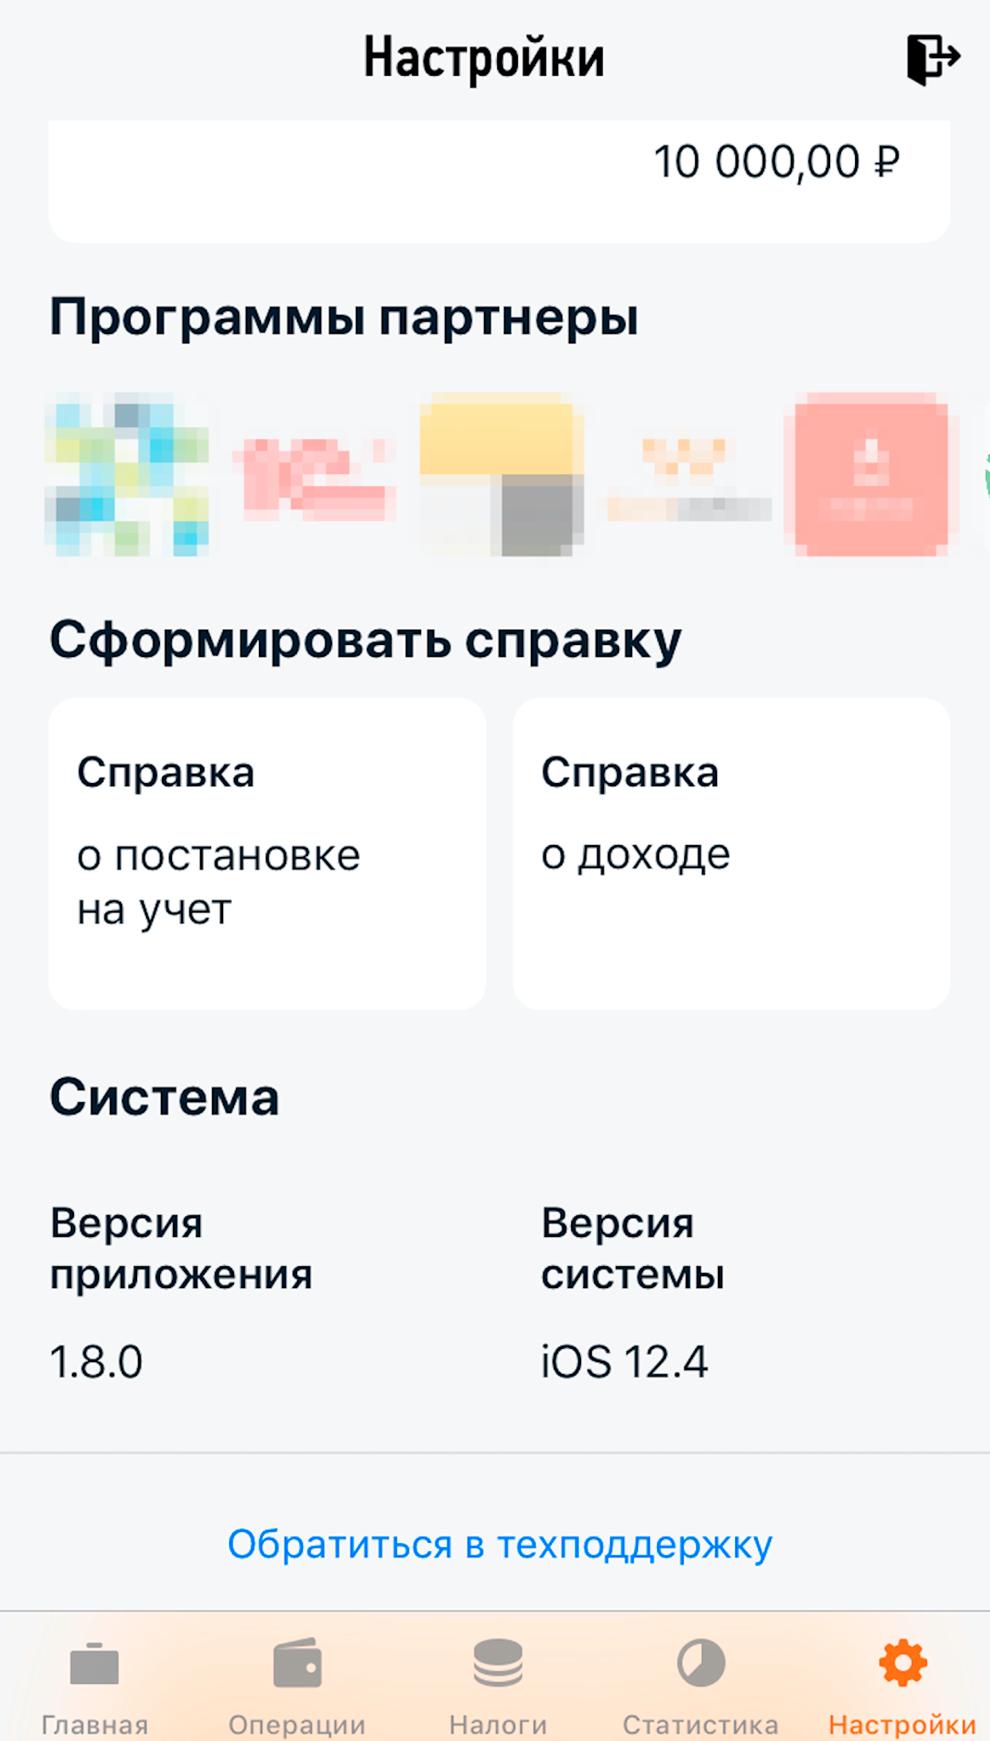 Справка о доходе из приложения формируется в разделе «Настройки»